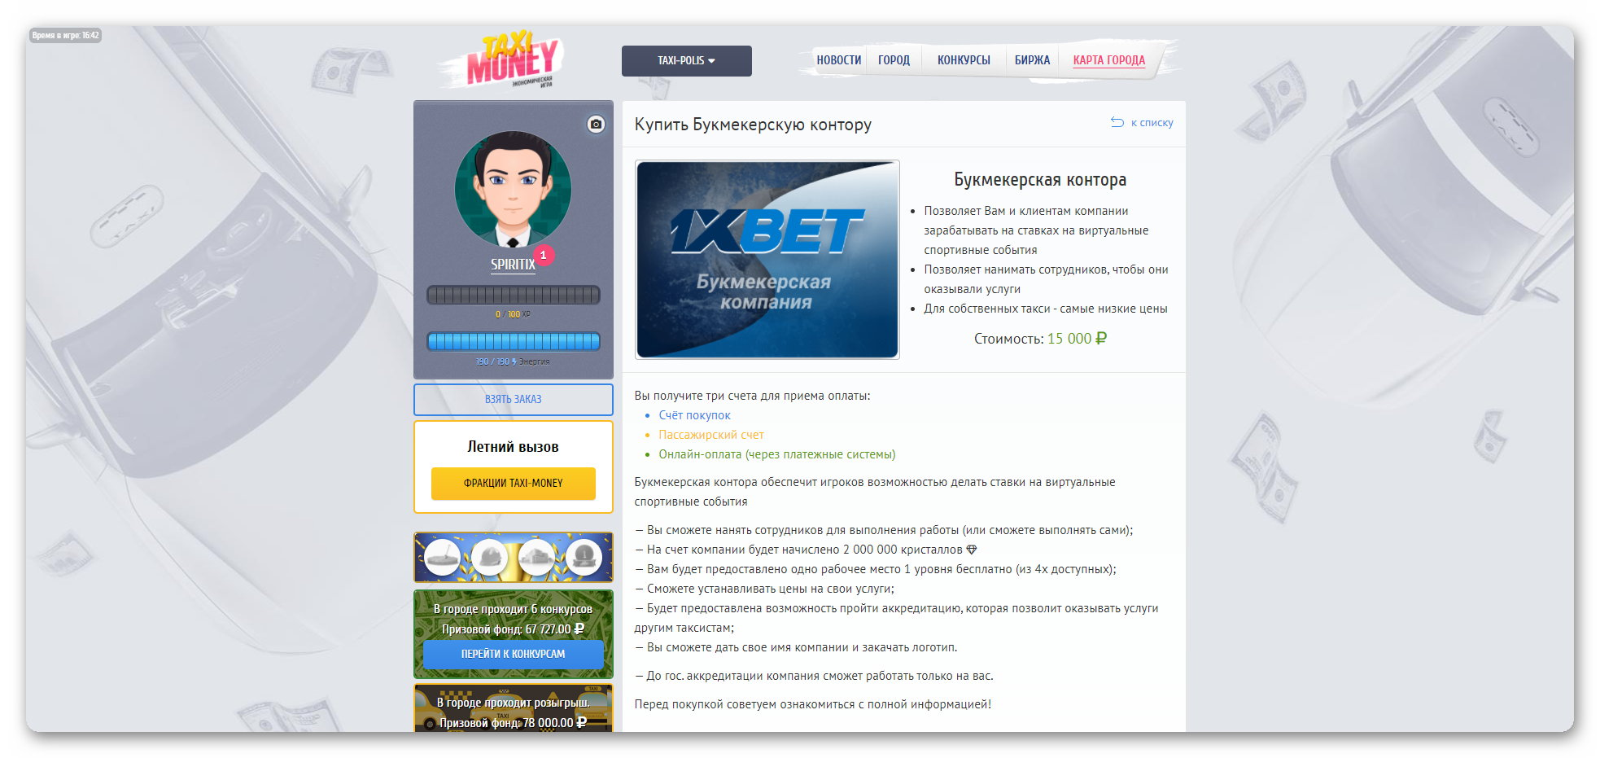 Букмекерская контора в игре Taxi-Money